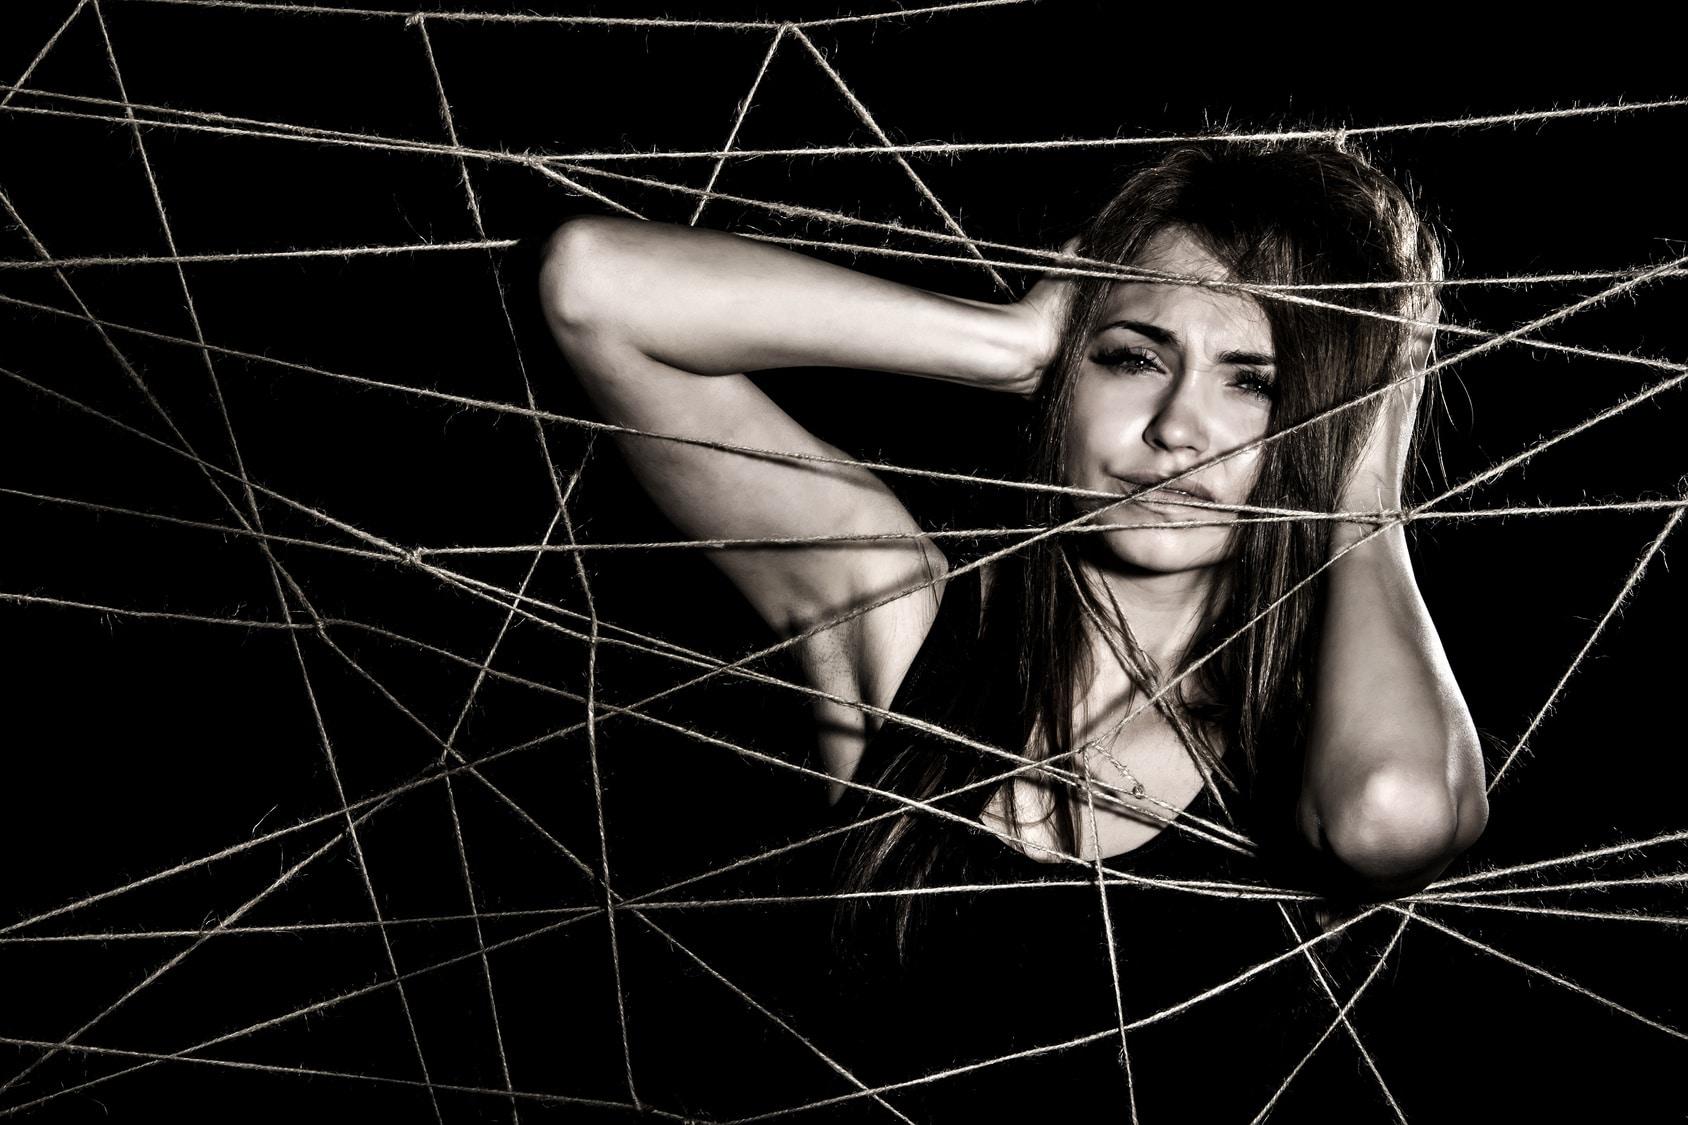 Das Foto ist in schwarz/weiß und zeigt eine junge Frau, die sich gestresst an den Kopf fasst. Sie zeigt damit, dass sie endlich ein gutes Selbstbewusstsein aufbauen konnte. Vor Ihr ist ein Spinnennetz tz sehen, welches sie jetzt nicht mehr stört. Sie hat lange dunkle Haare und ist ekleidet mit einem schwarzen trägerlosen T-shirt.